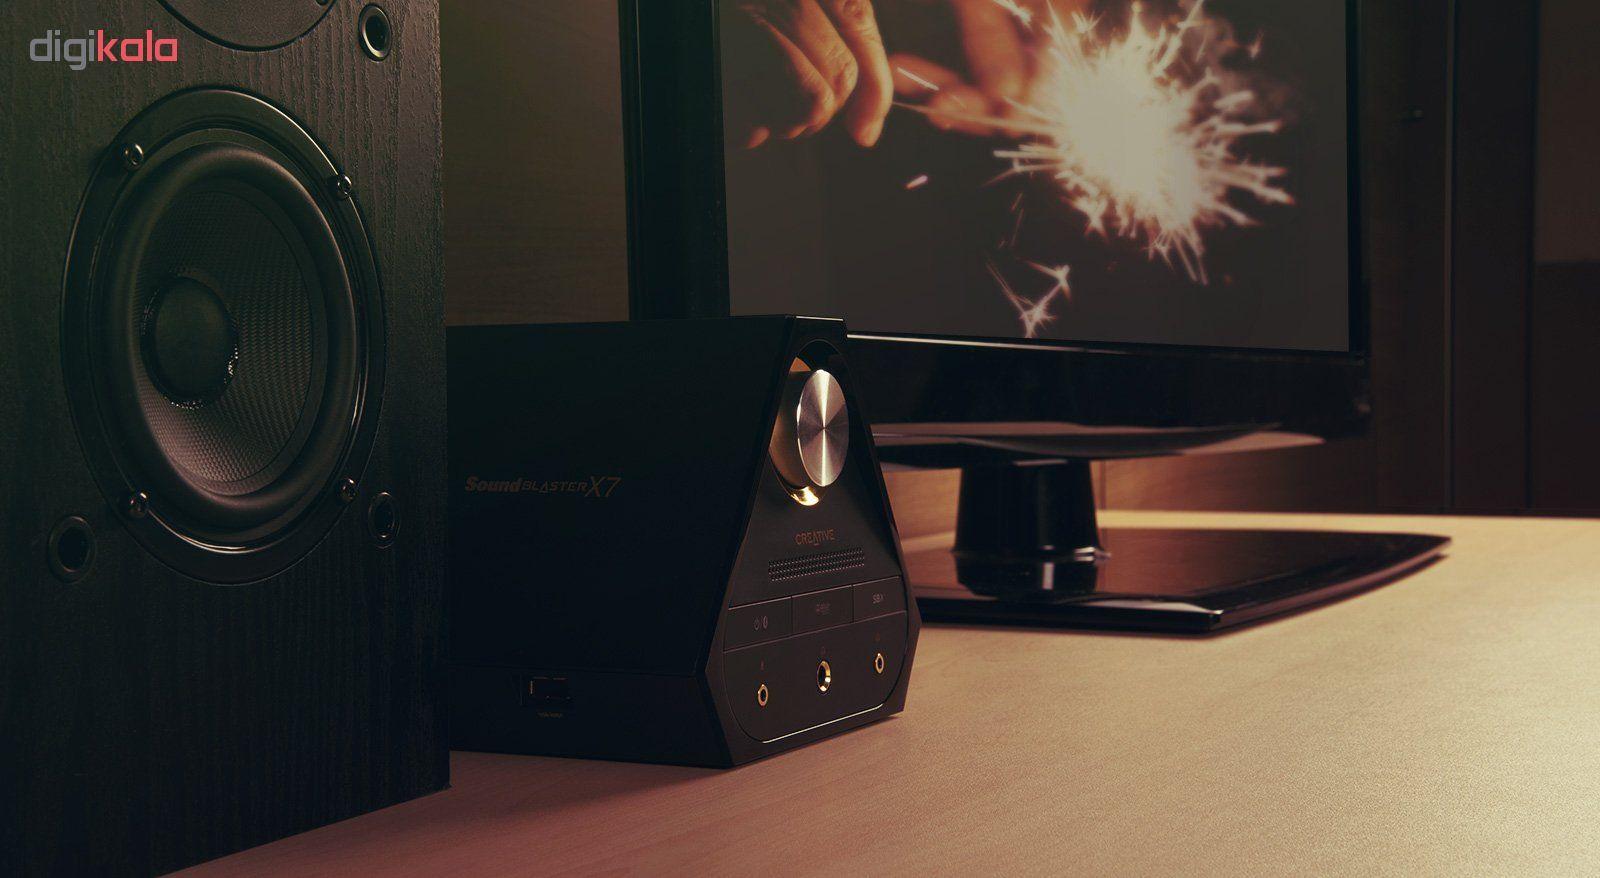 اسپیکر کریتیو مدل E-MU XM7 به همراه آمپلی فایر Sound Blaster X7 main 1 9